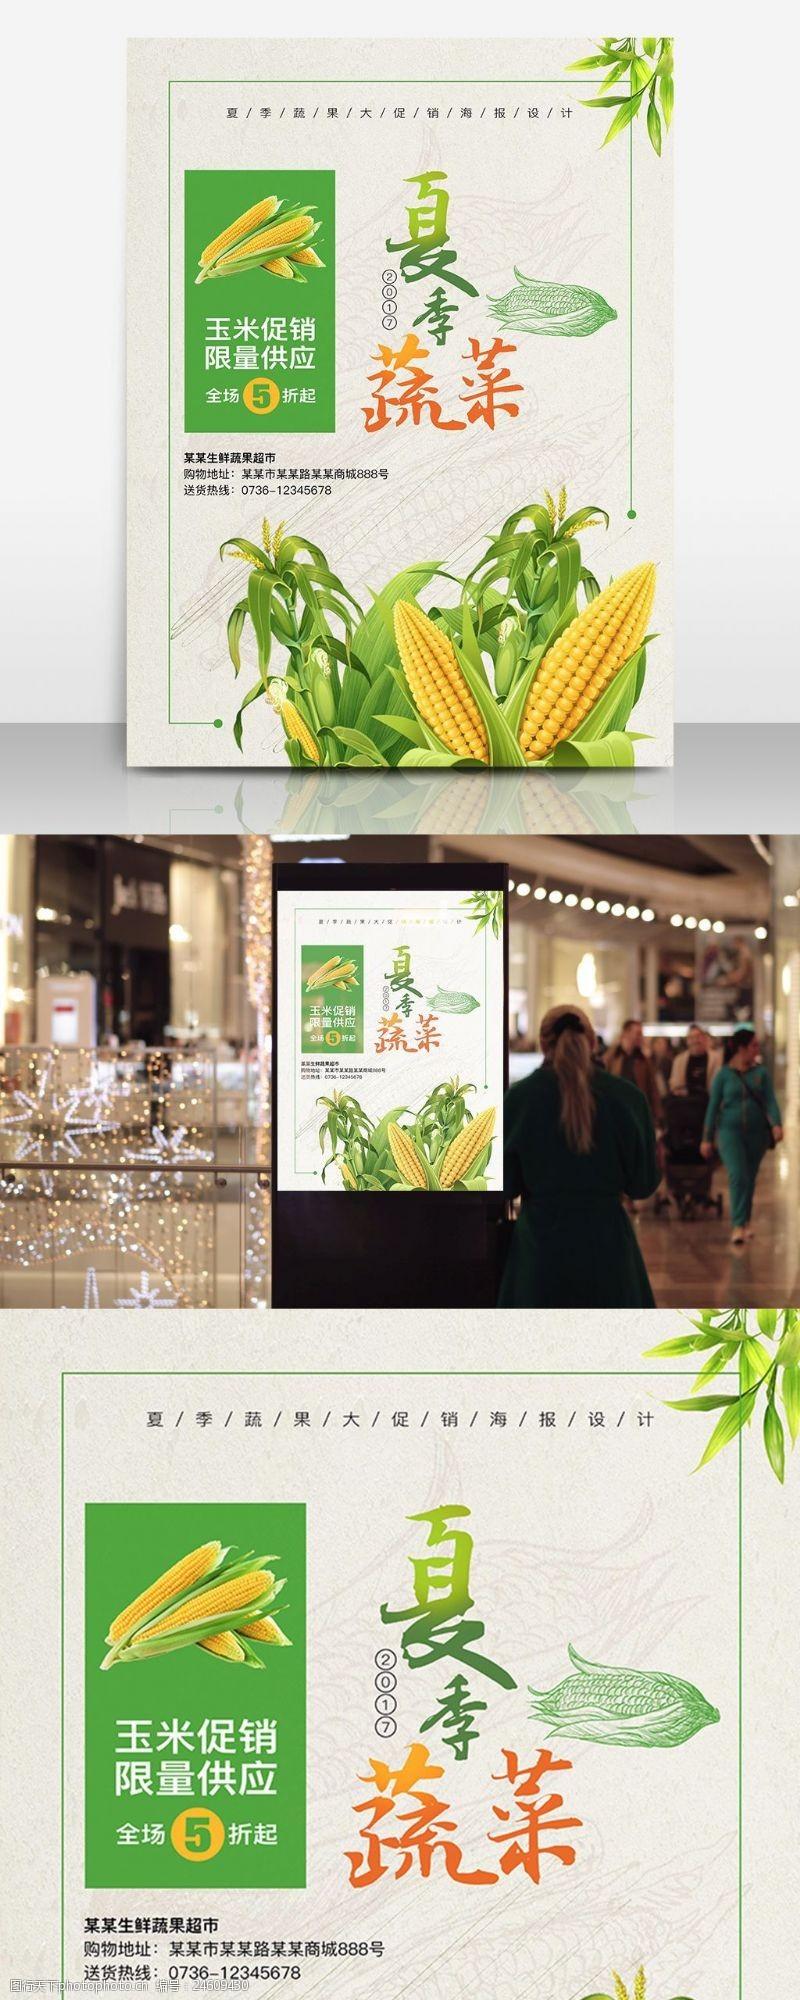 夏季蔬菜玉米促销海报设计